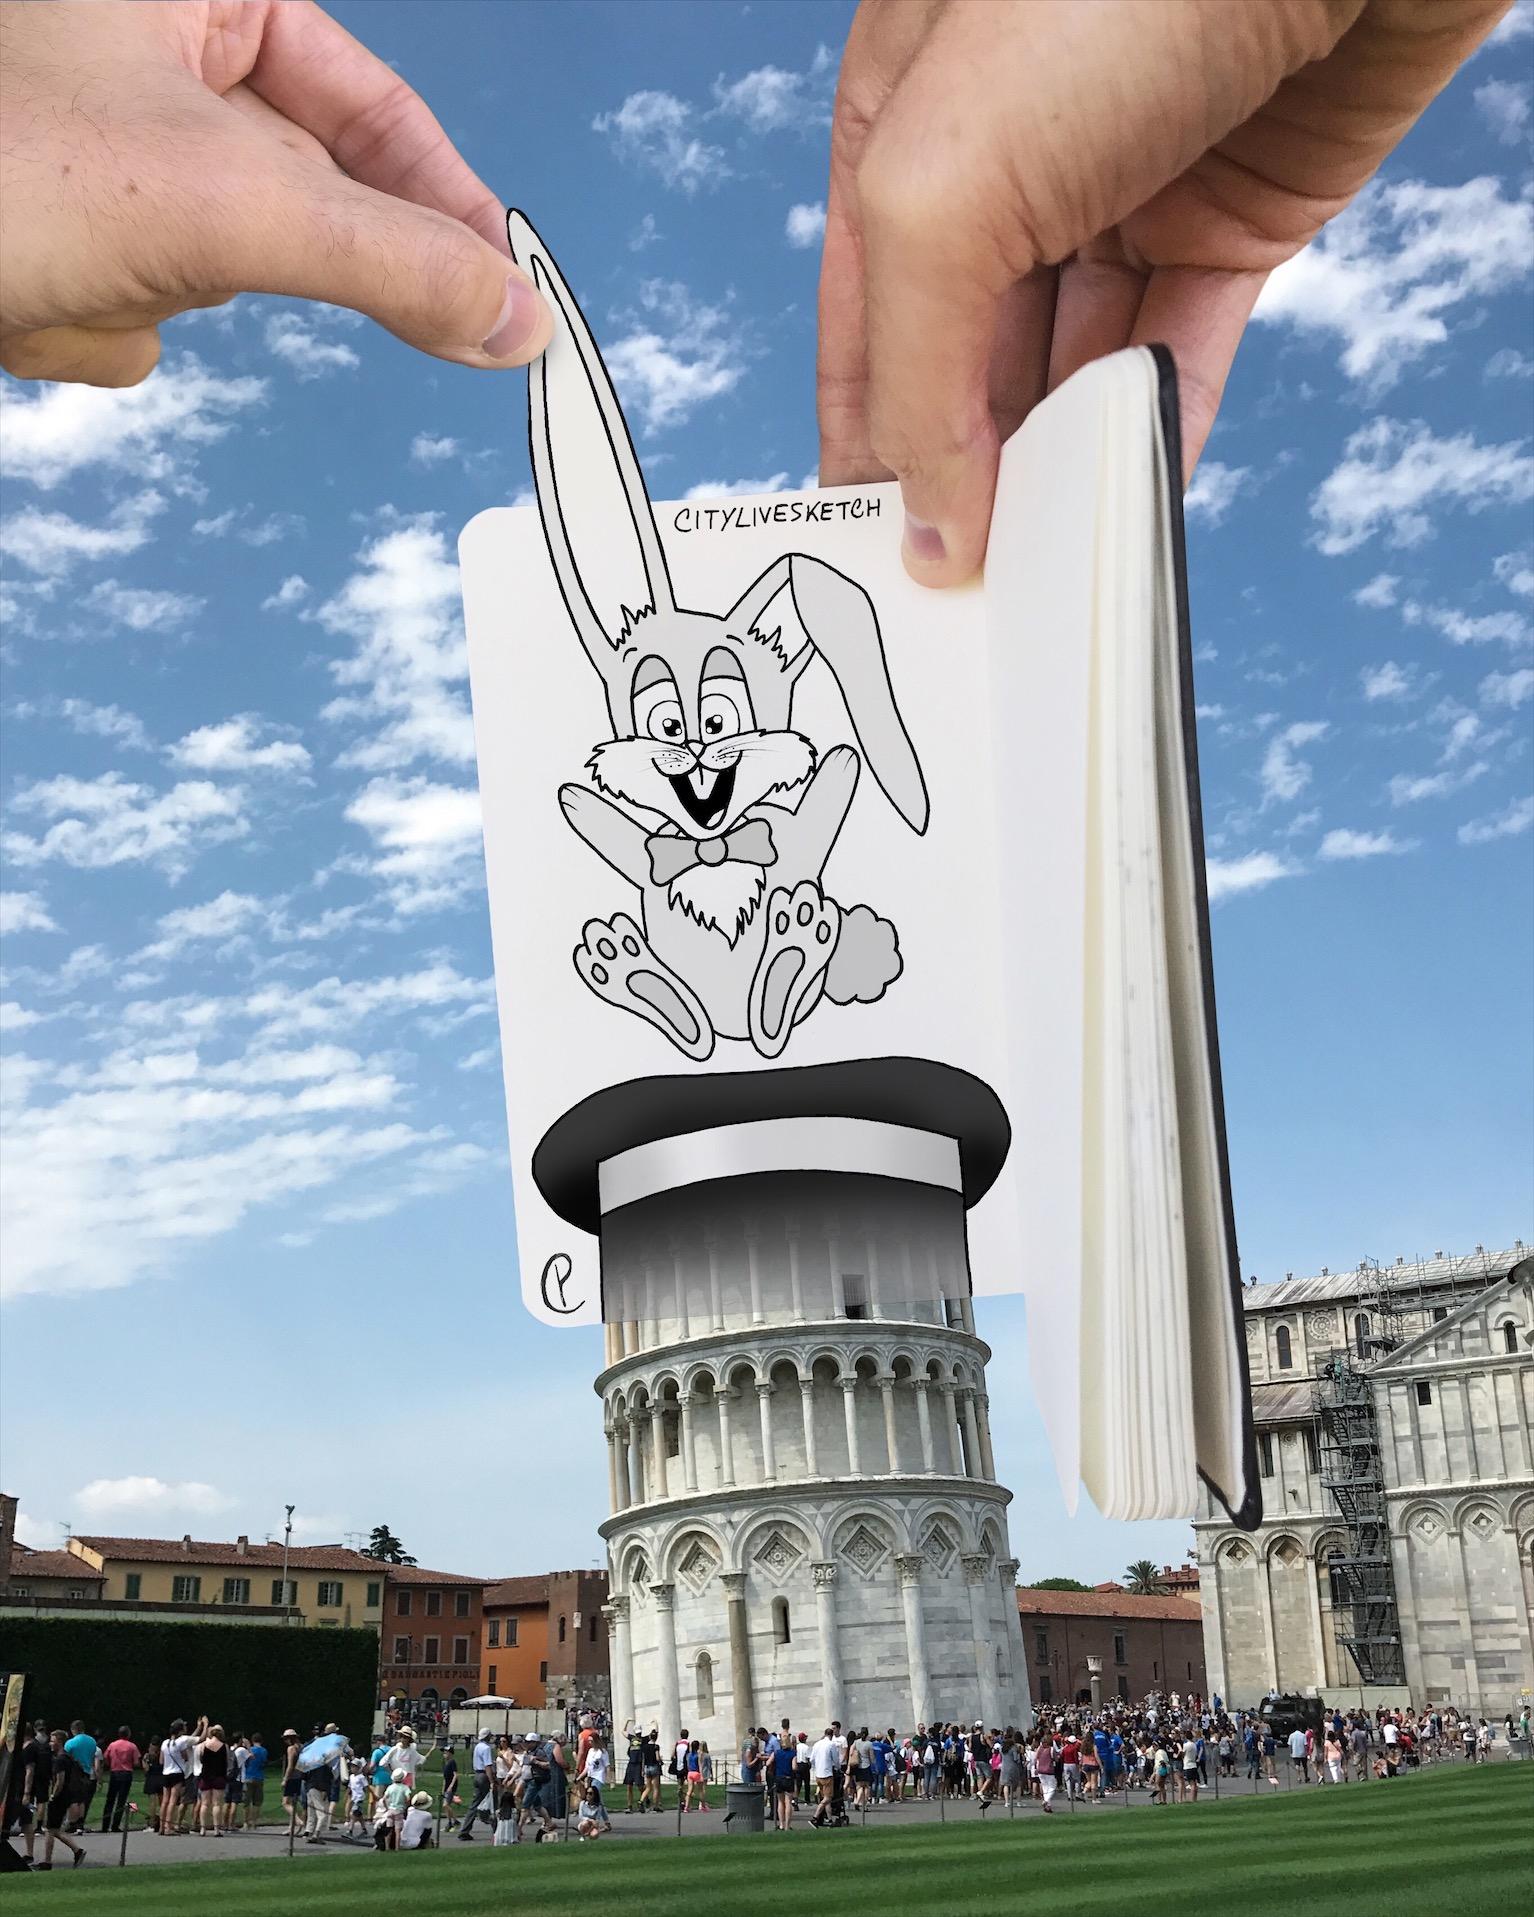 Magic Tower of Pisa